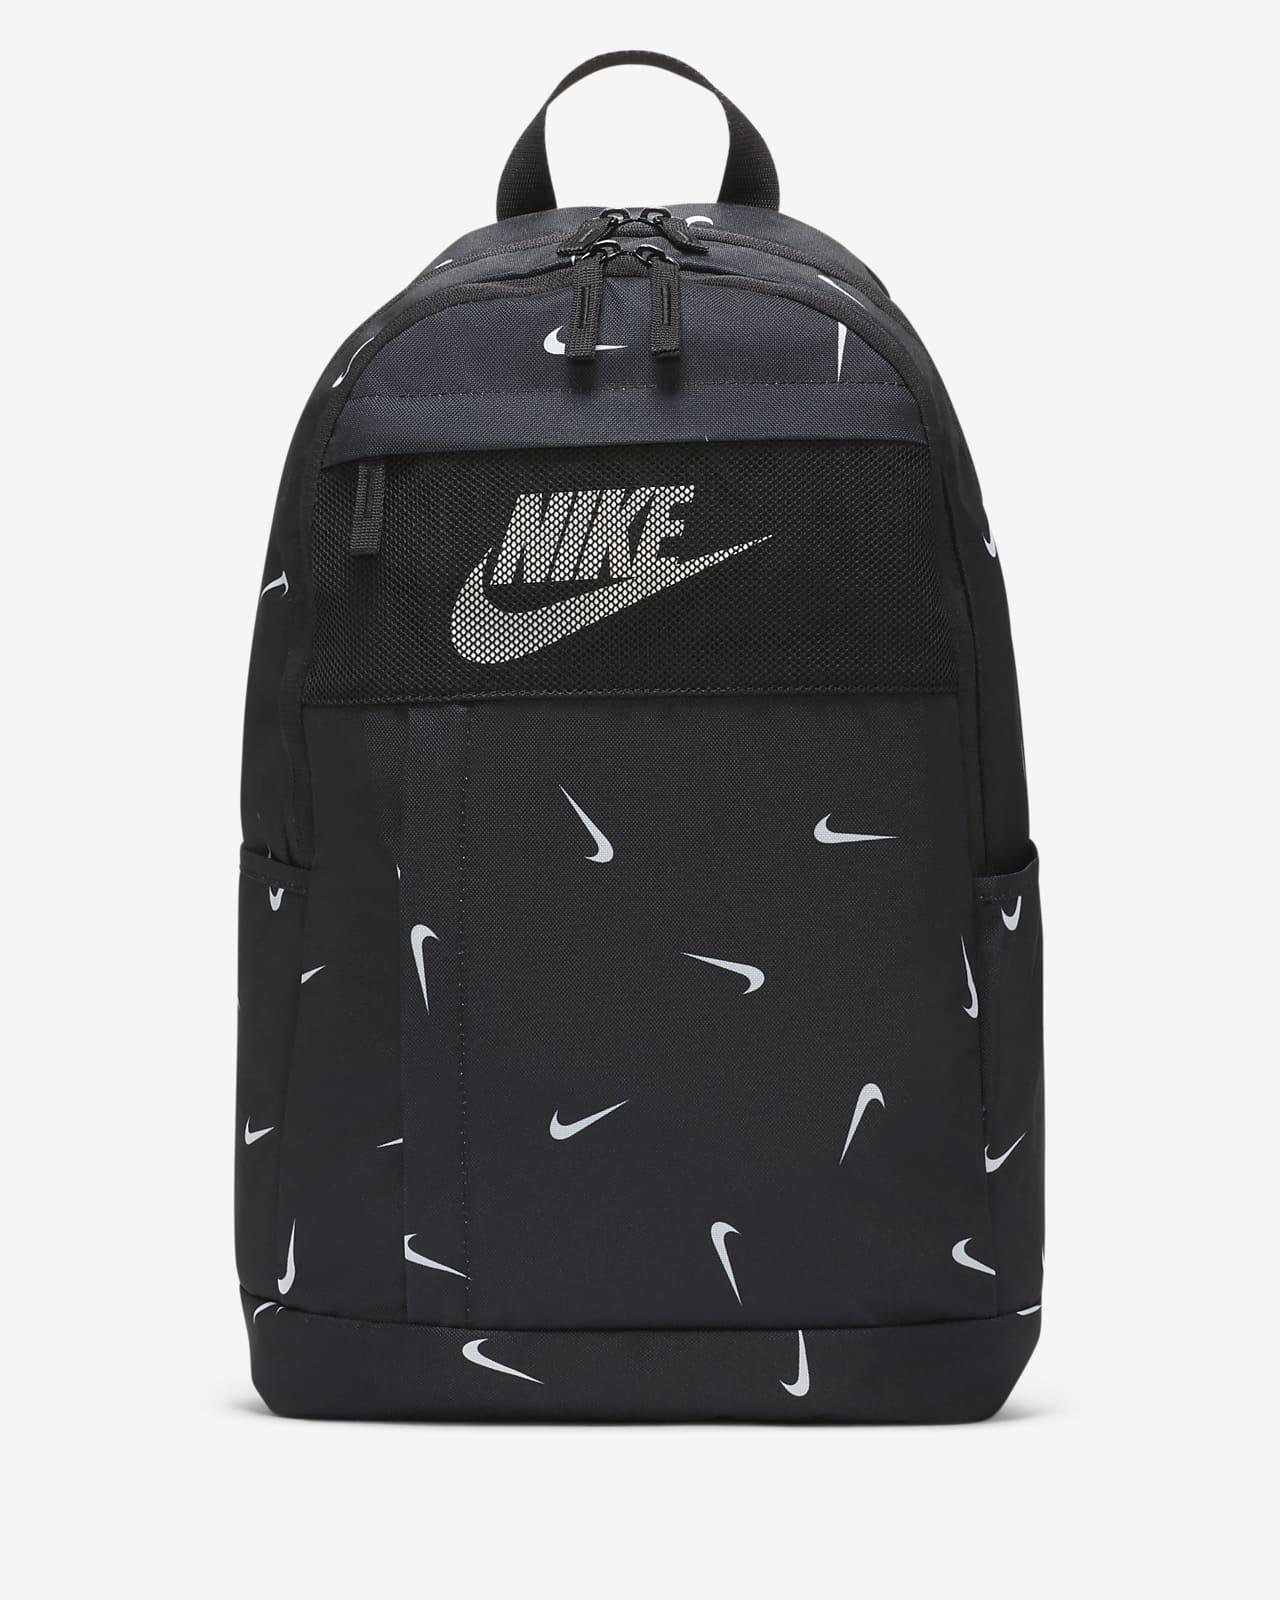 เป้สะพายหลัง Nike Elemental